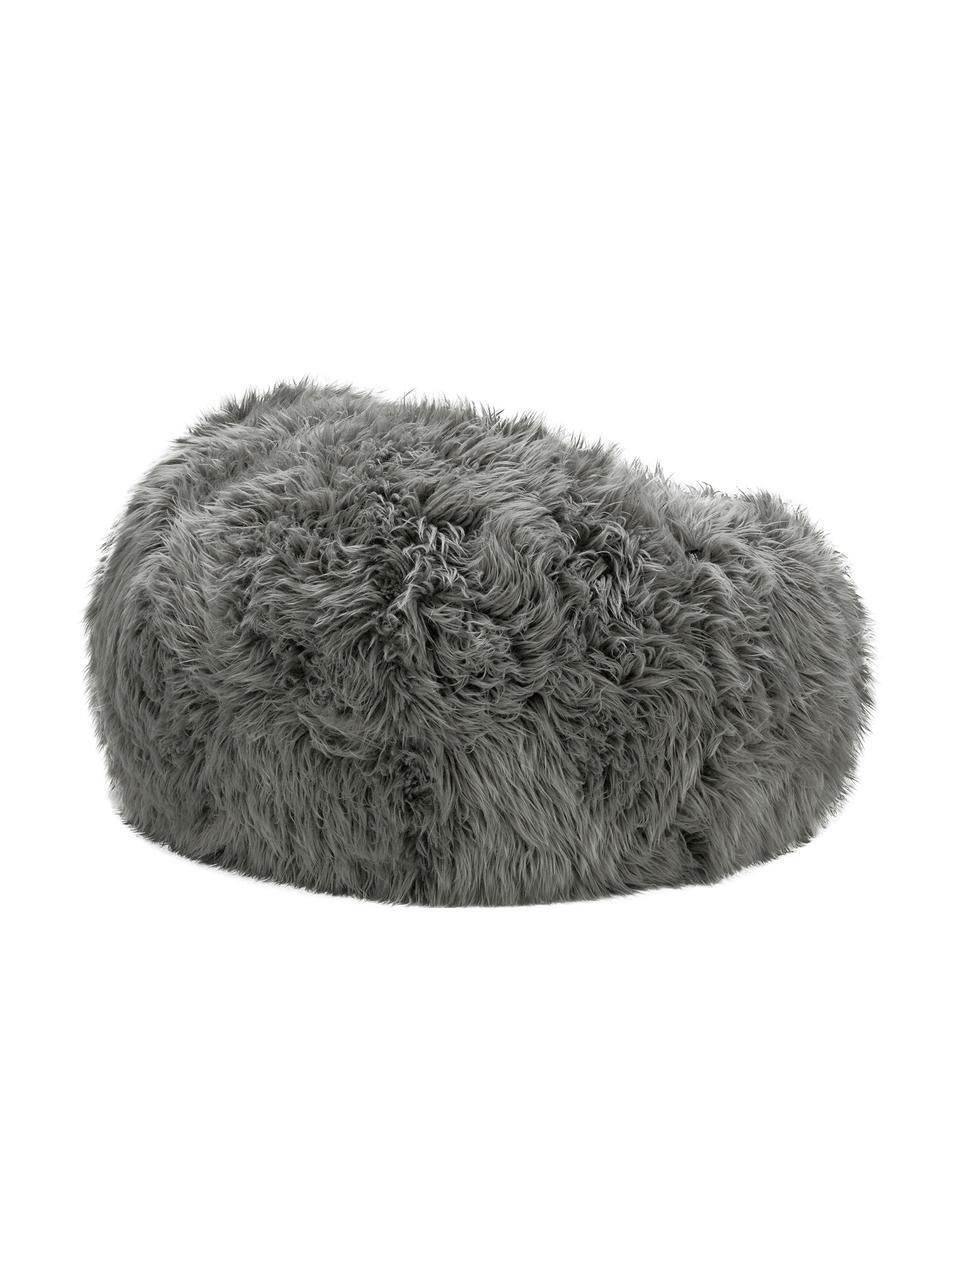 Kunstfell-Sitzsack Flokati, Bezug: 95% Acryl, 5% Polyester 3, Grau, Ø 140 x H 90 cm